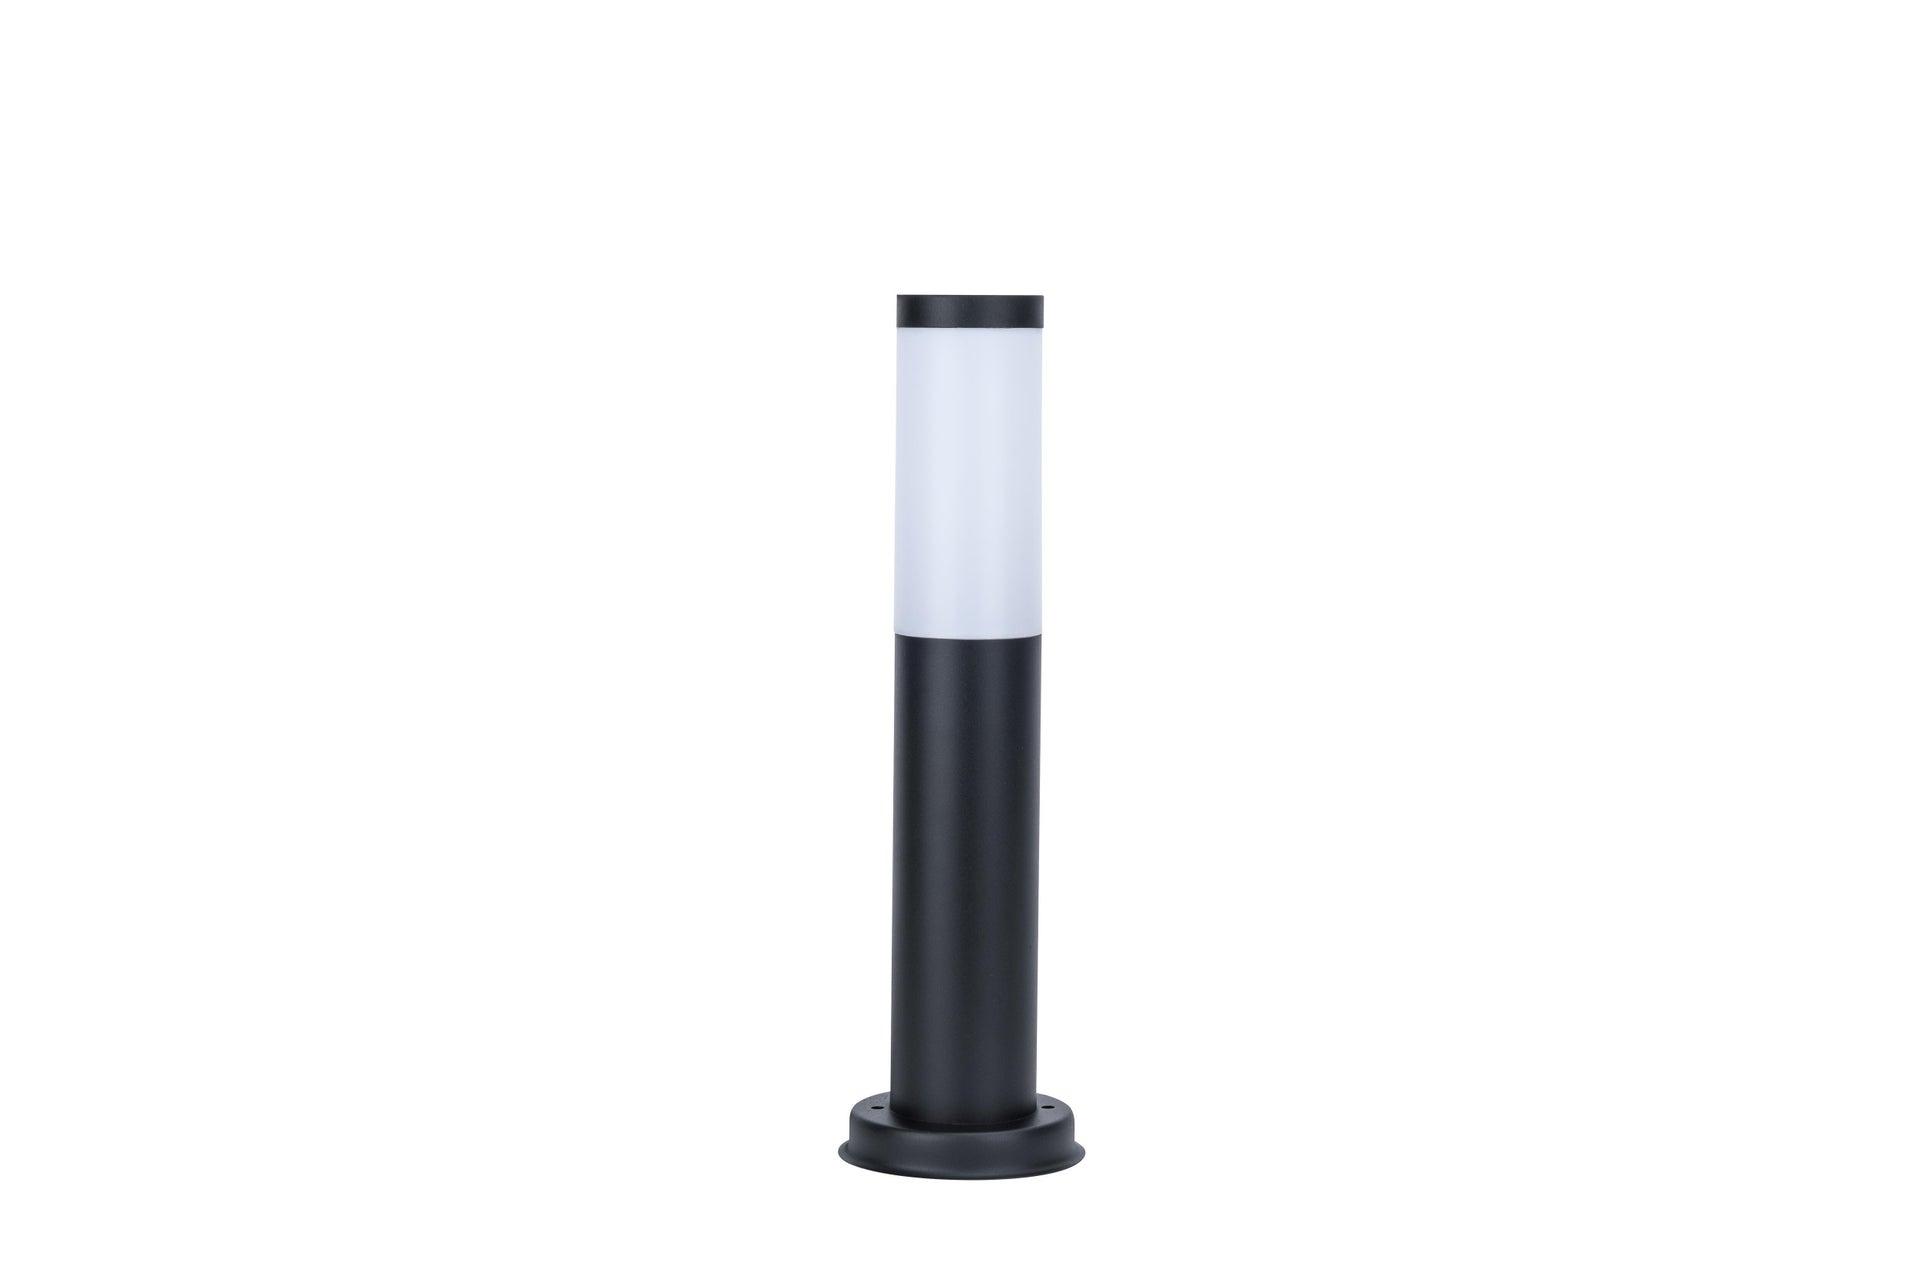 Lampione Travis H45.0 cm in acciaio inossidabile, nero, E27 1x MAX 15W IP44 INSPIRE - 6